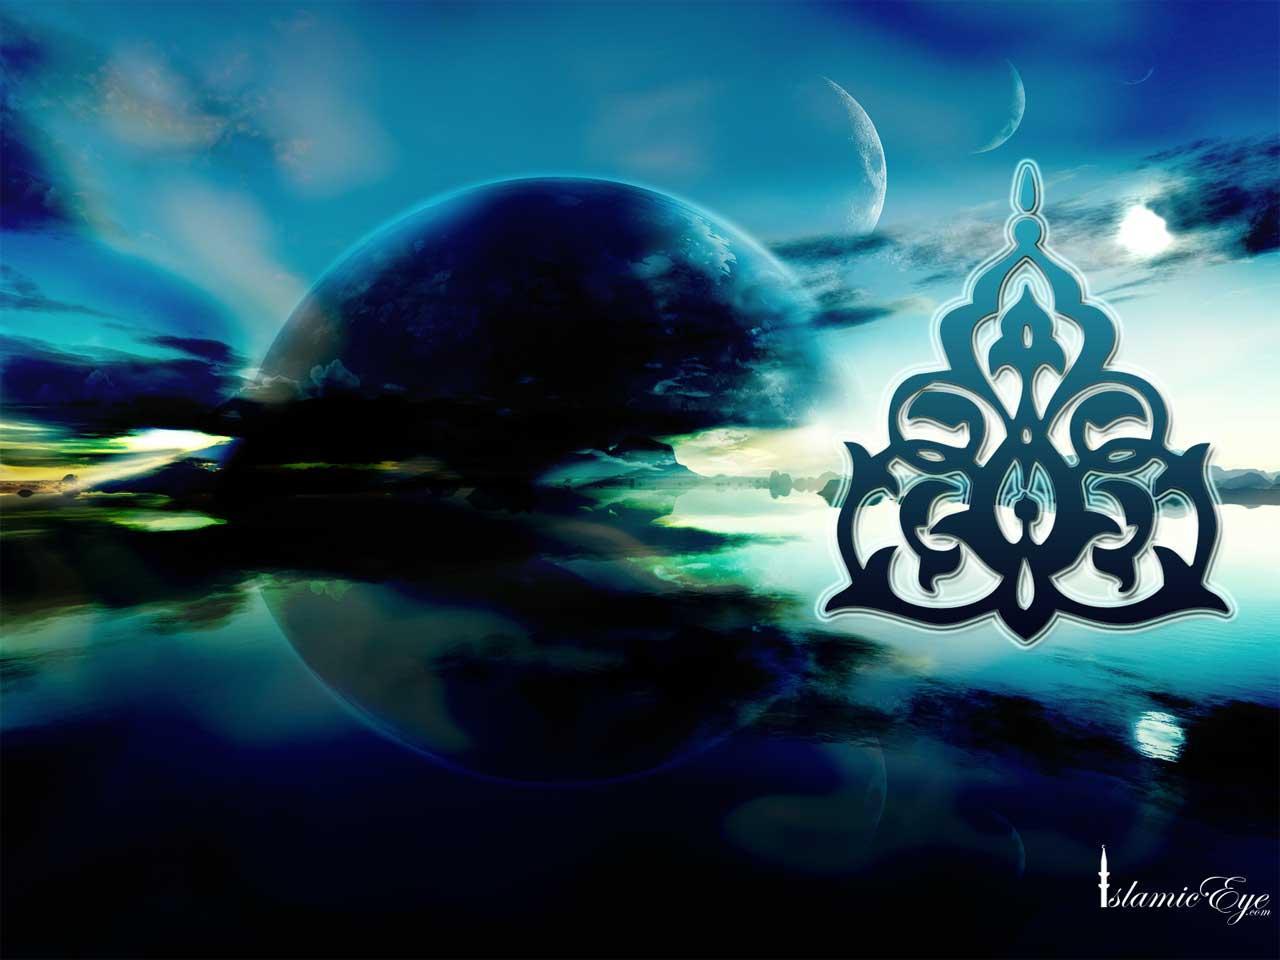 http://2.bp.blogspot.com/-SG-gkRPOi8I/TtGud6RnWkI/AAAAAAAAB0Q/xjTexjlcLhk/s1600/islamic-wallpapers.jpg